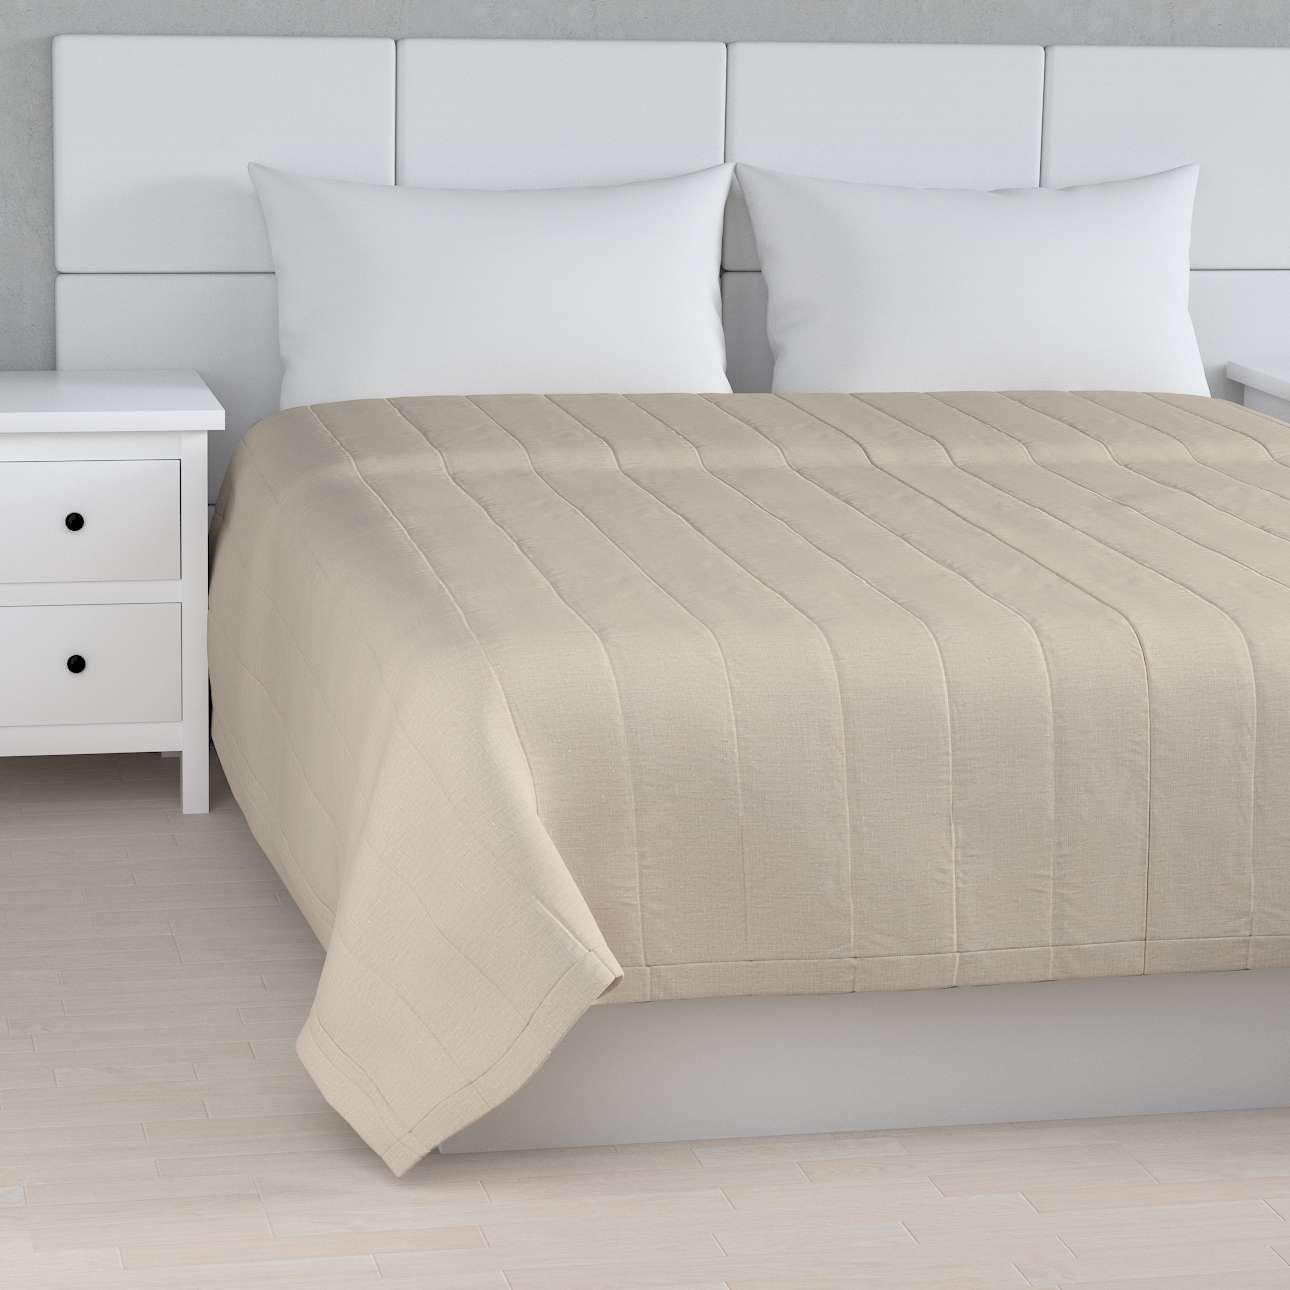 Tagesdecke mit Streifen-Steppung von der Kollektion Leinen, Stoff: 392-05